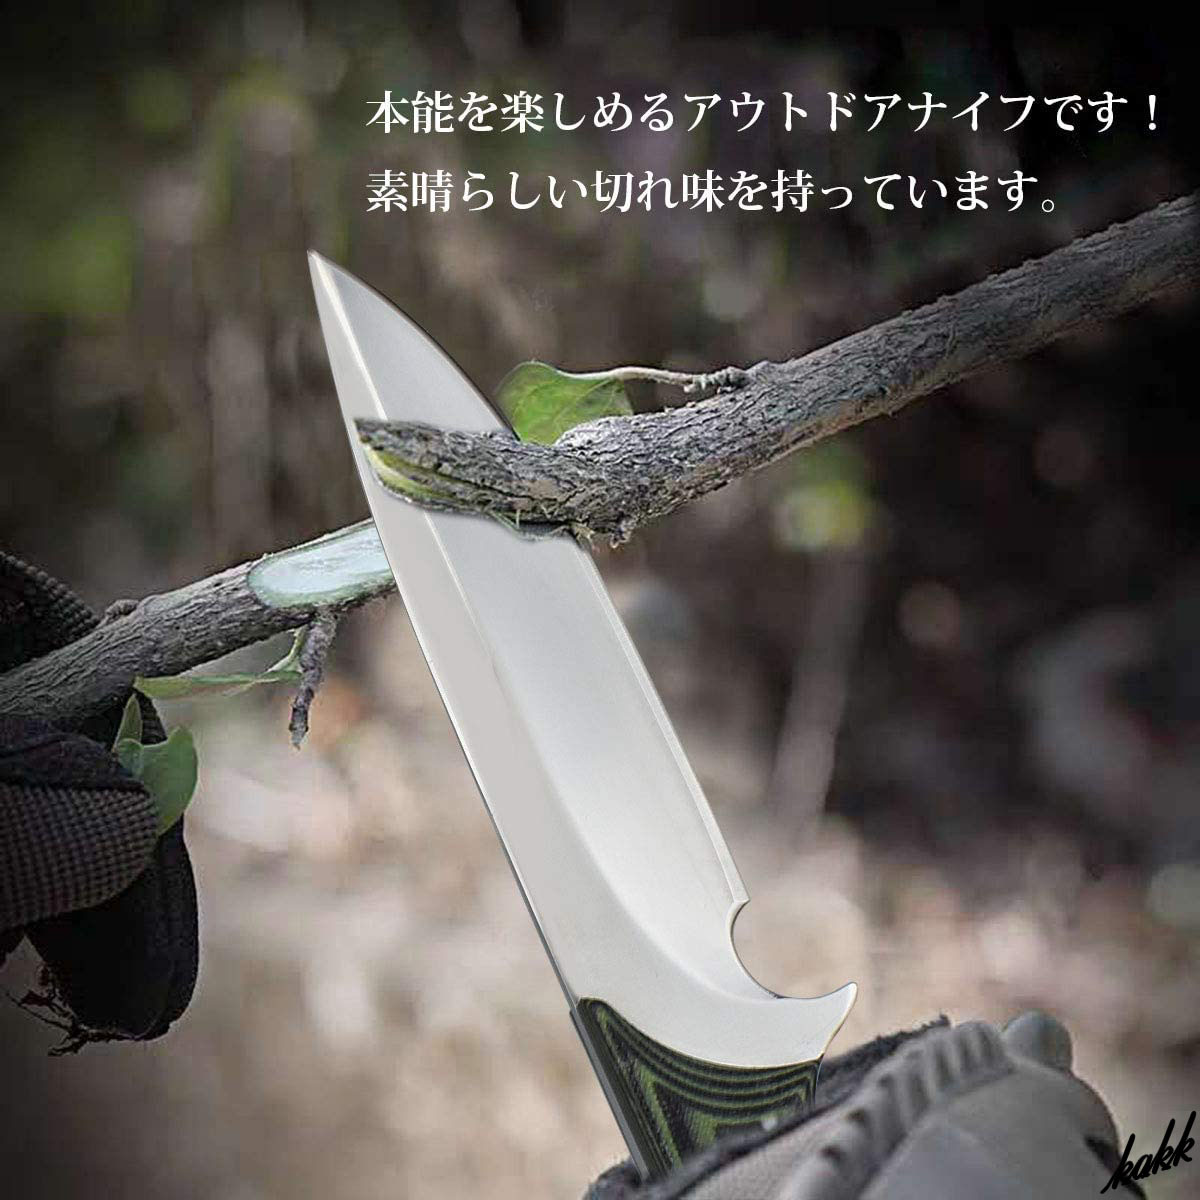 【G10ハンドルフルタング構造】 鏡面仕上げ シースナイフアウトドア包丁 ステンレス鋼 強硬度 サバイバル キャンプ 釣り フィッシング